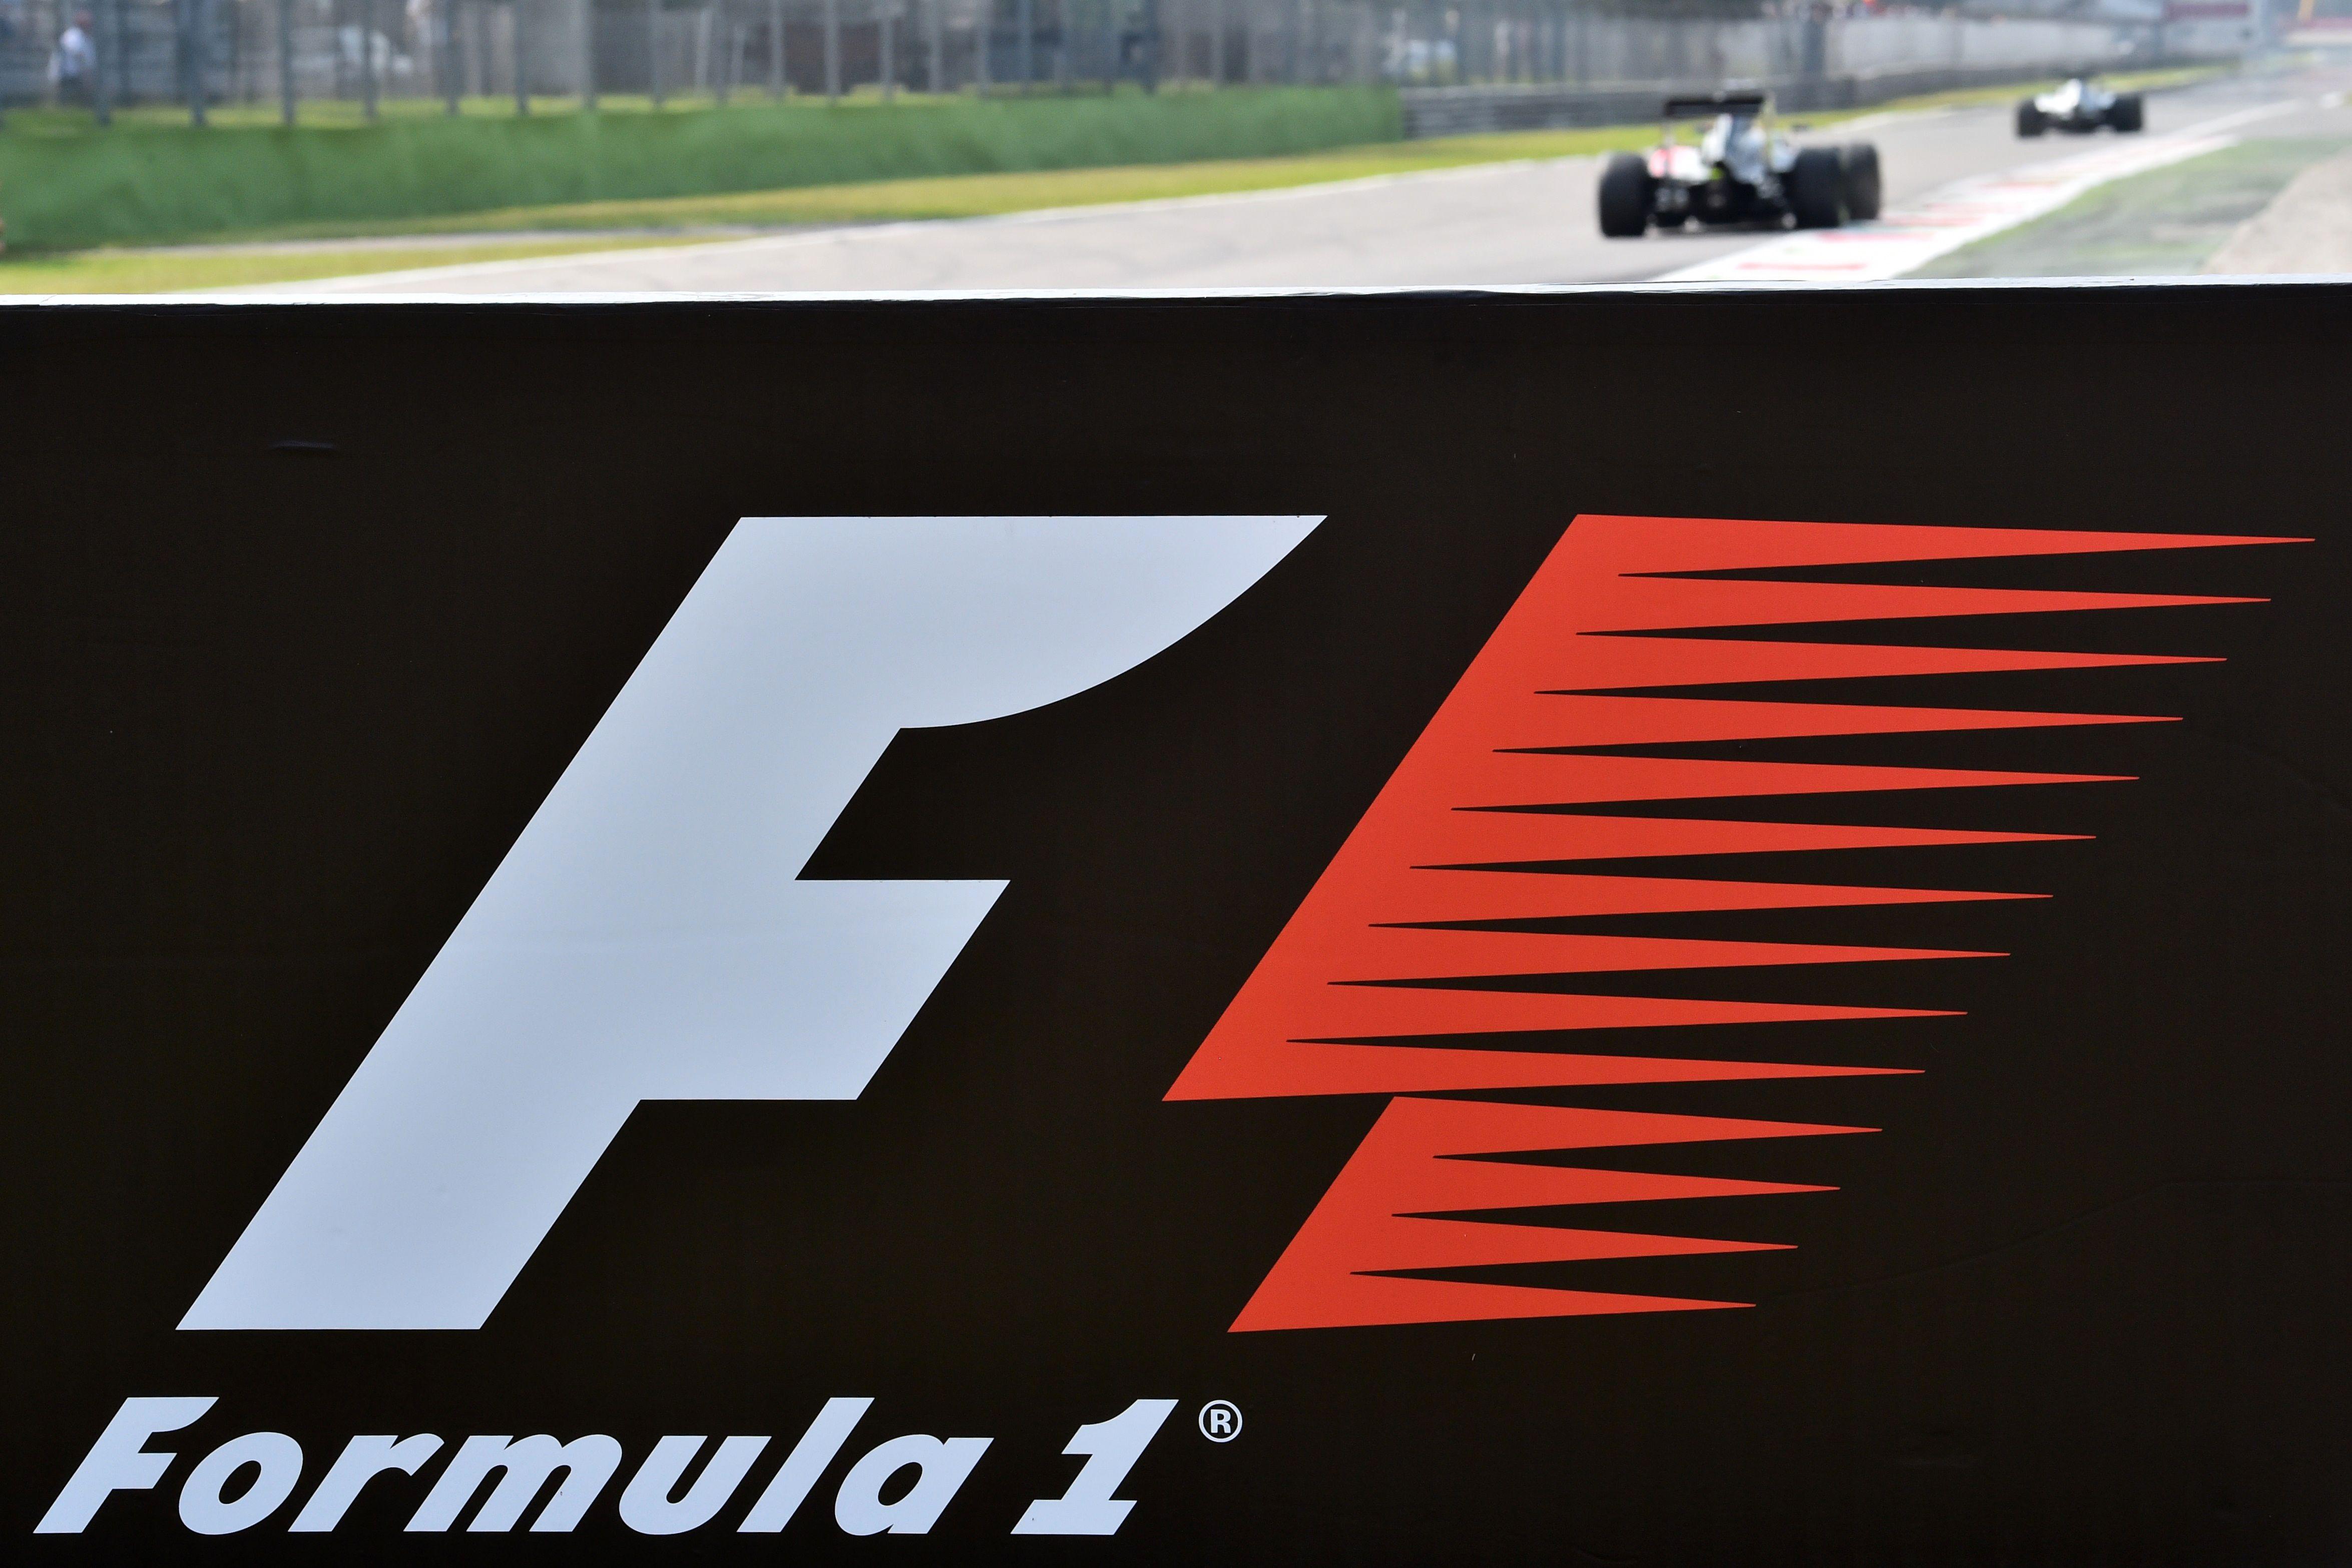 Venden la Fórmula 1 en 8.500 millones de dólares: ¿quién es el comprador?